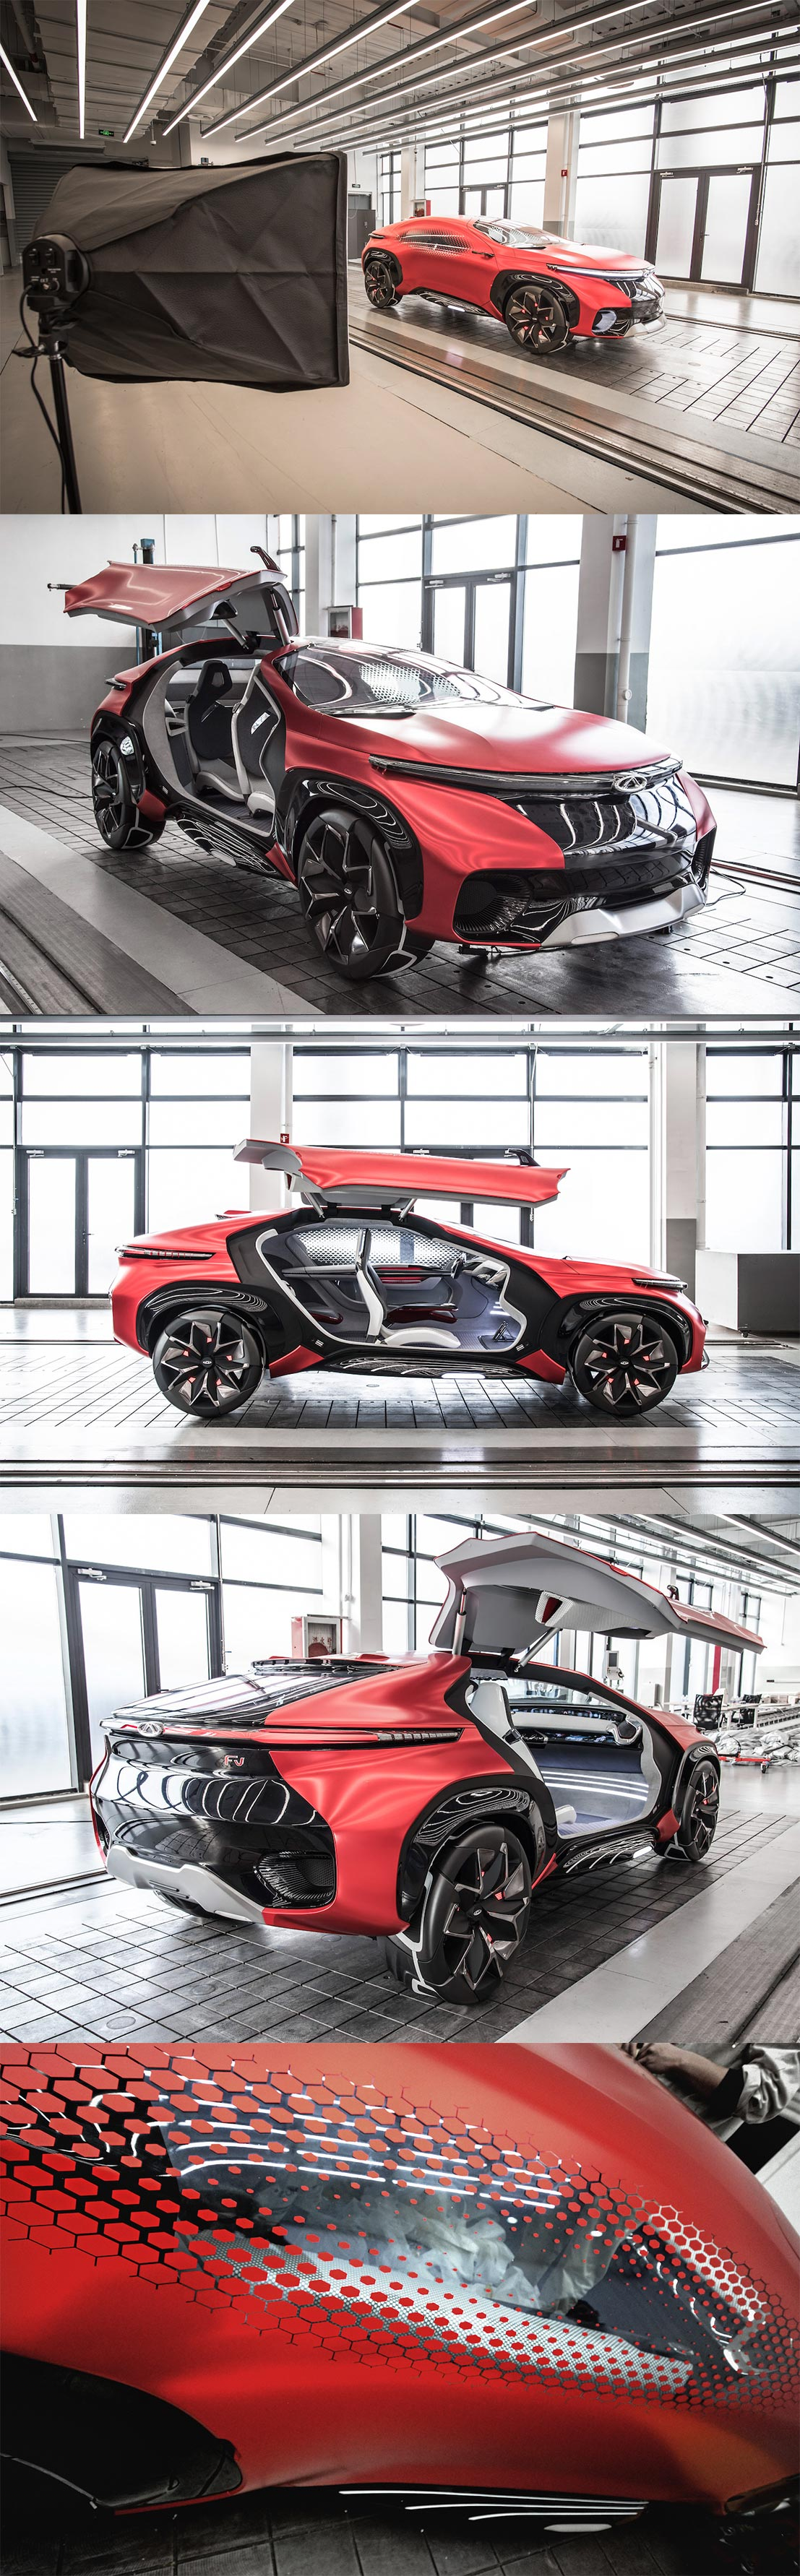 მანქანის დიზაინი